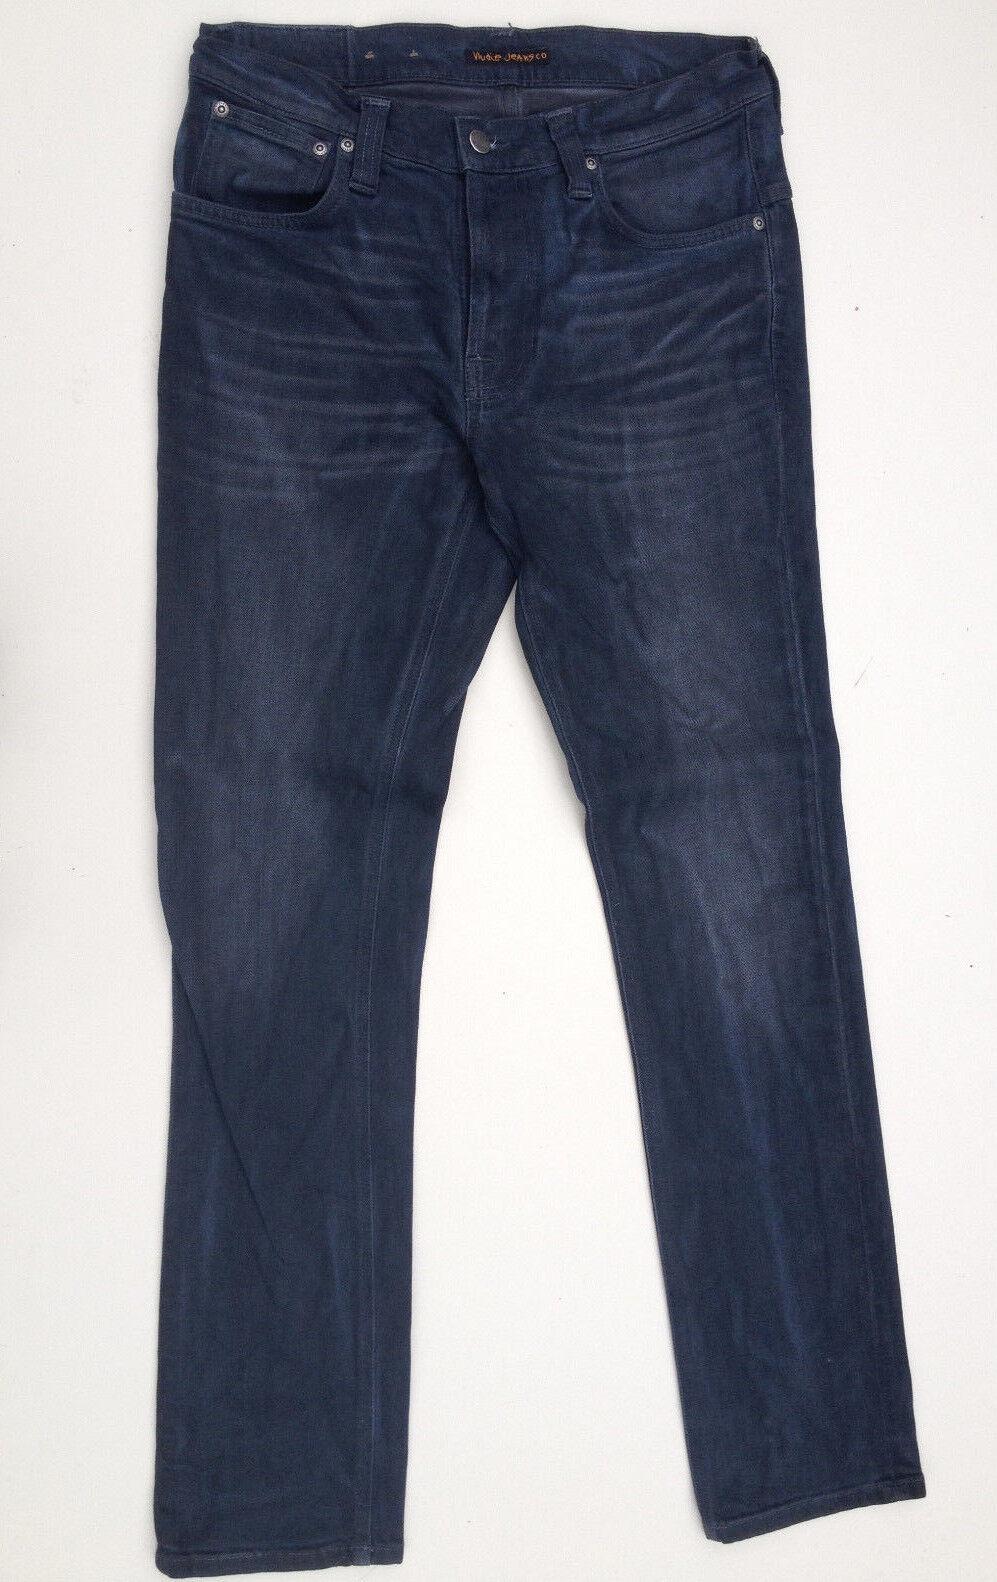 Nudie Jeans 'cinta Ted  Negro y Azul Amor' Talla W31 L32 orgánico usado en excelente estado PVP 269  para hombre  primera reputación de los clientes primero